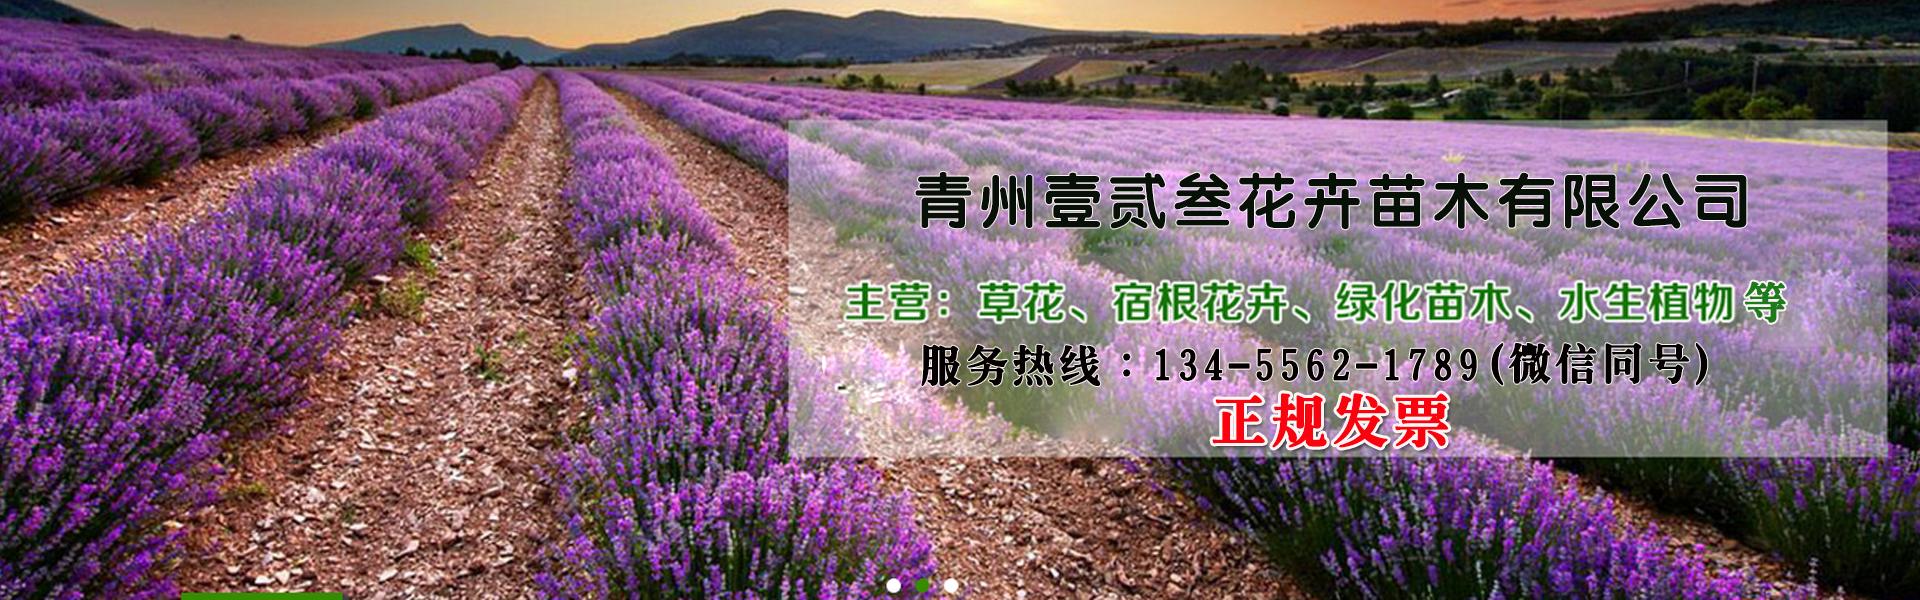 草花基地-精品菊花